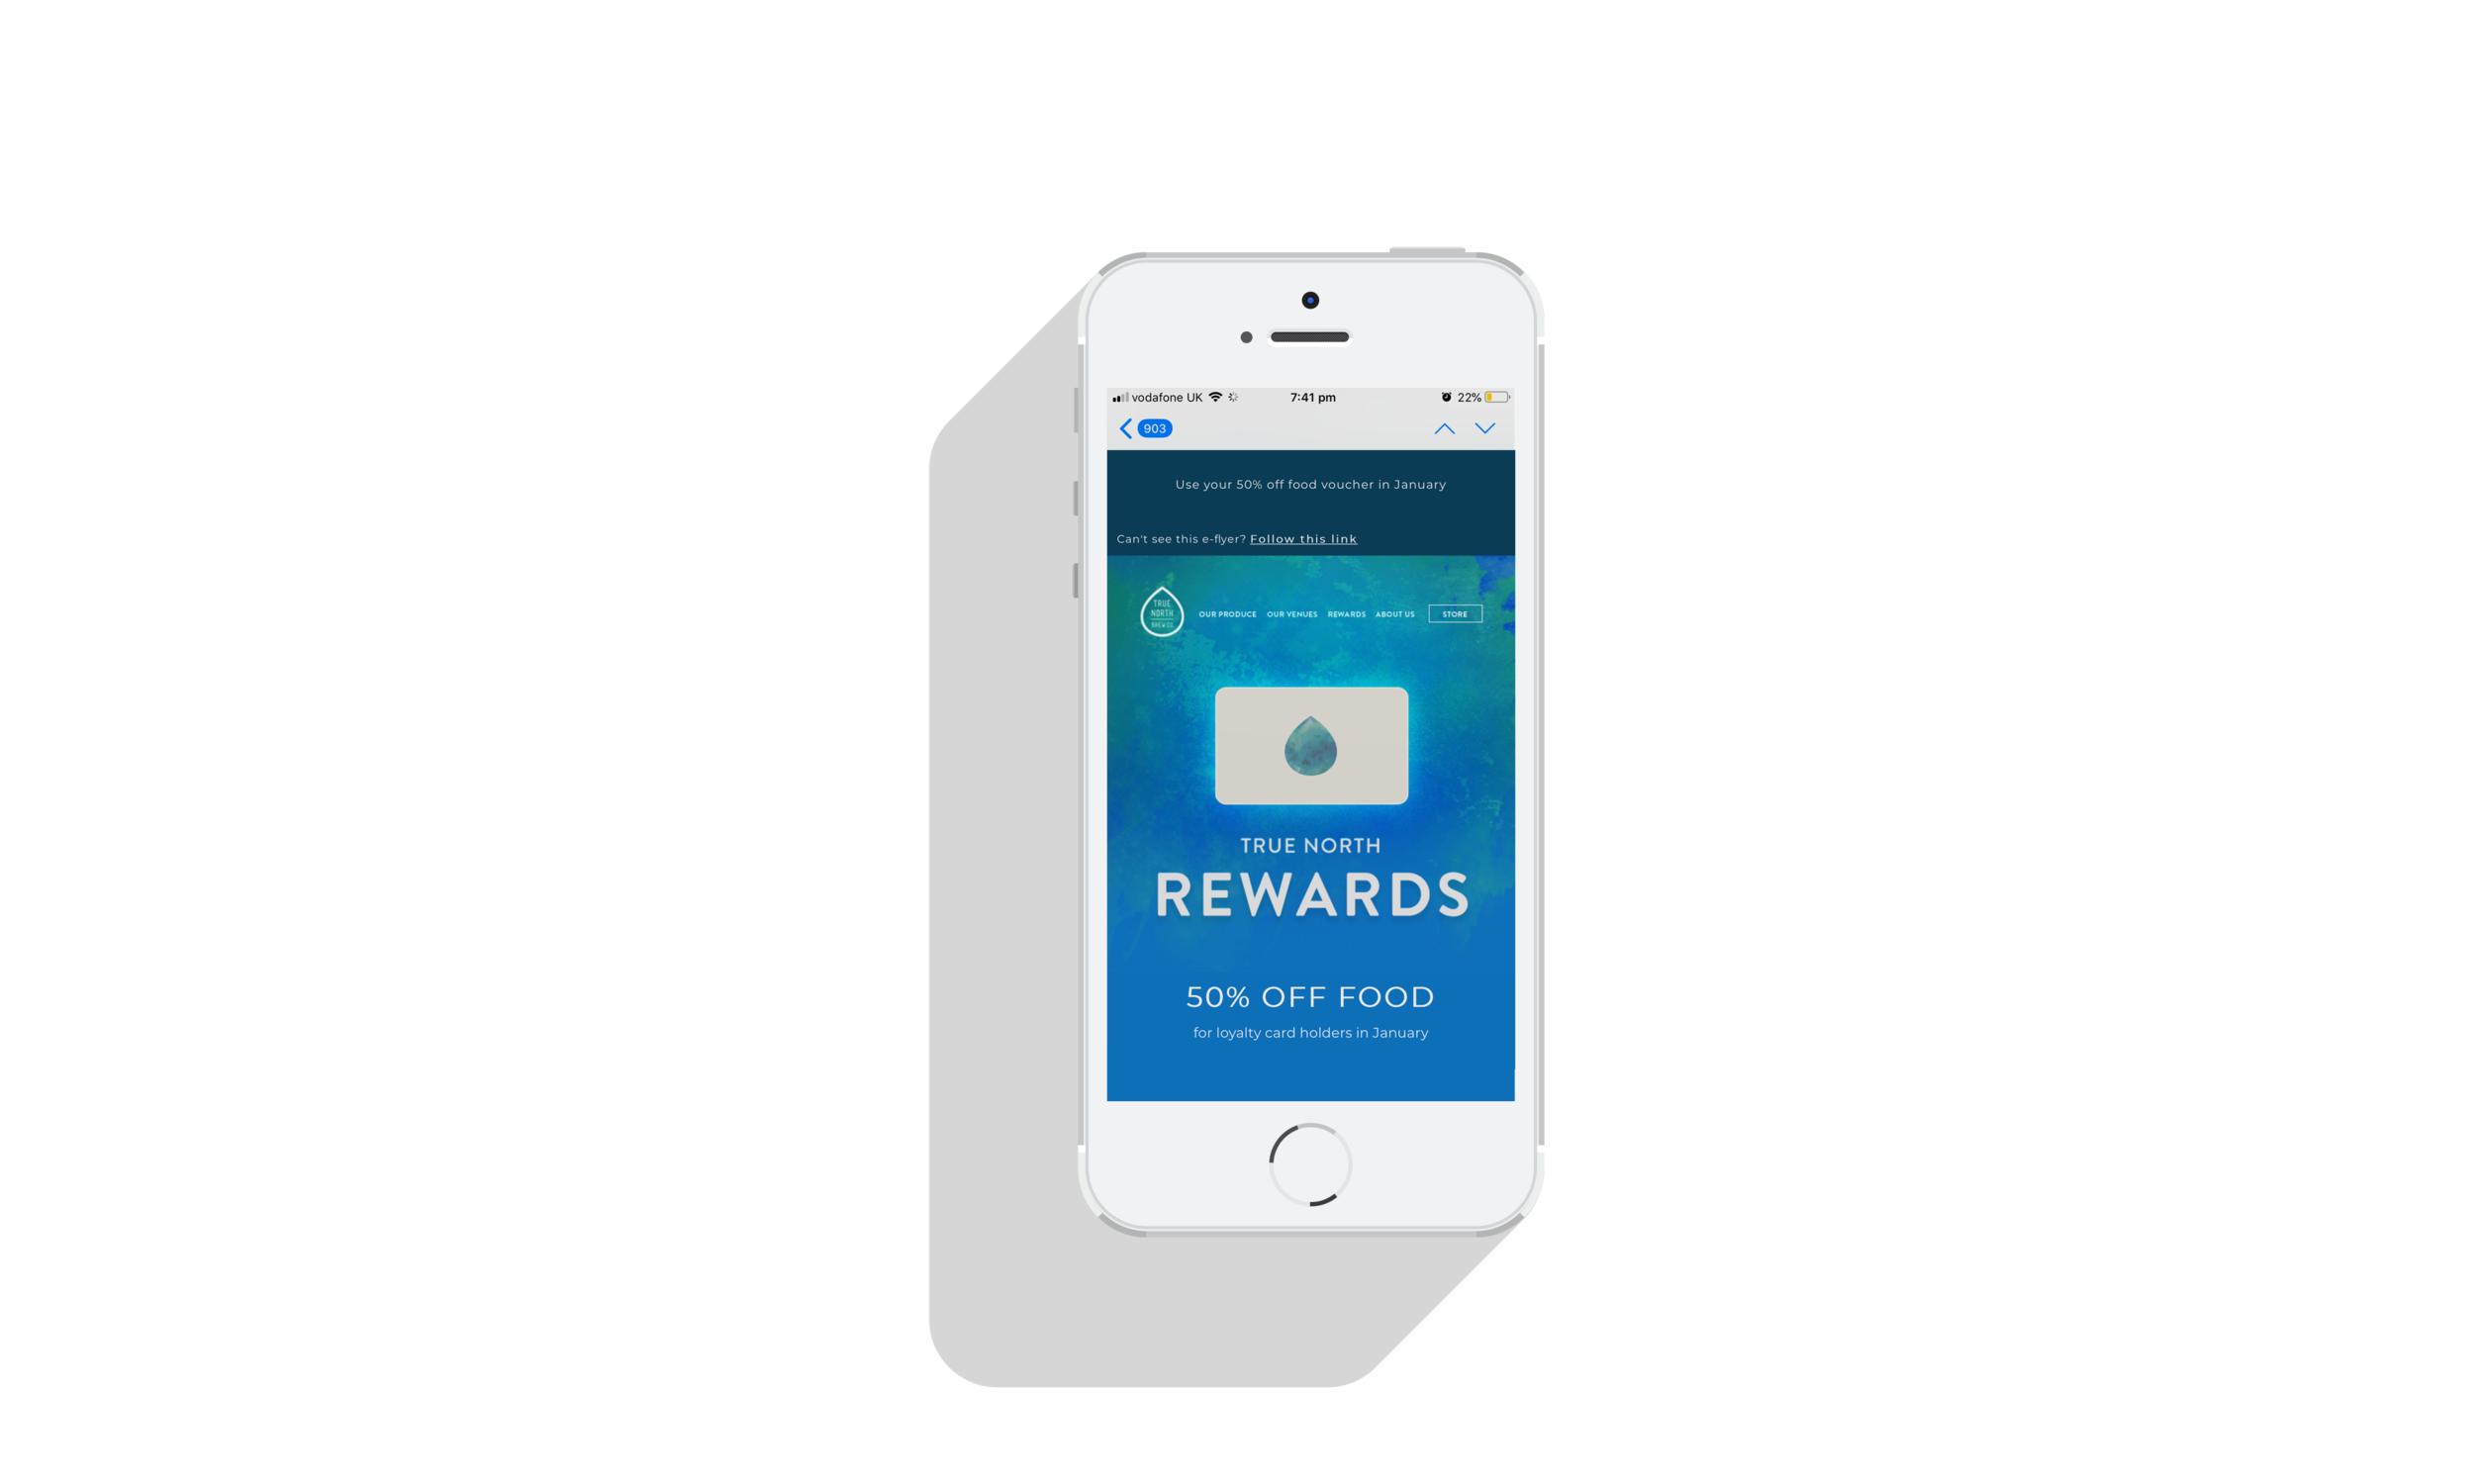 rewards-redeem.png